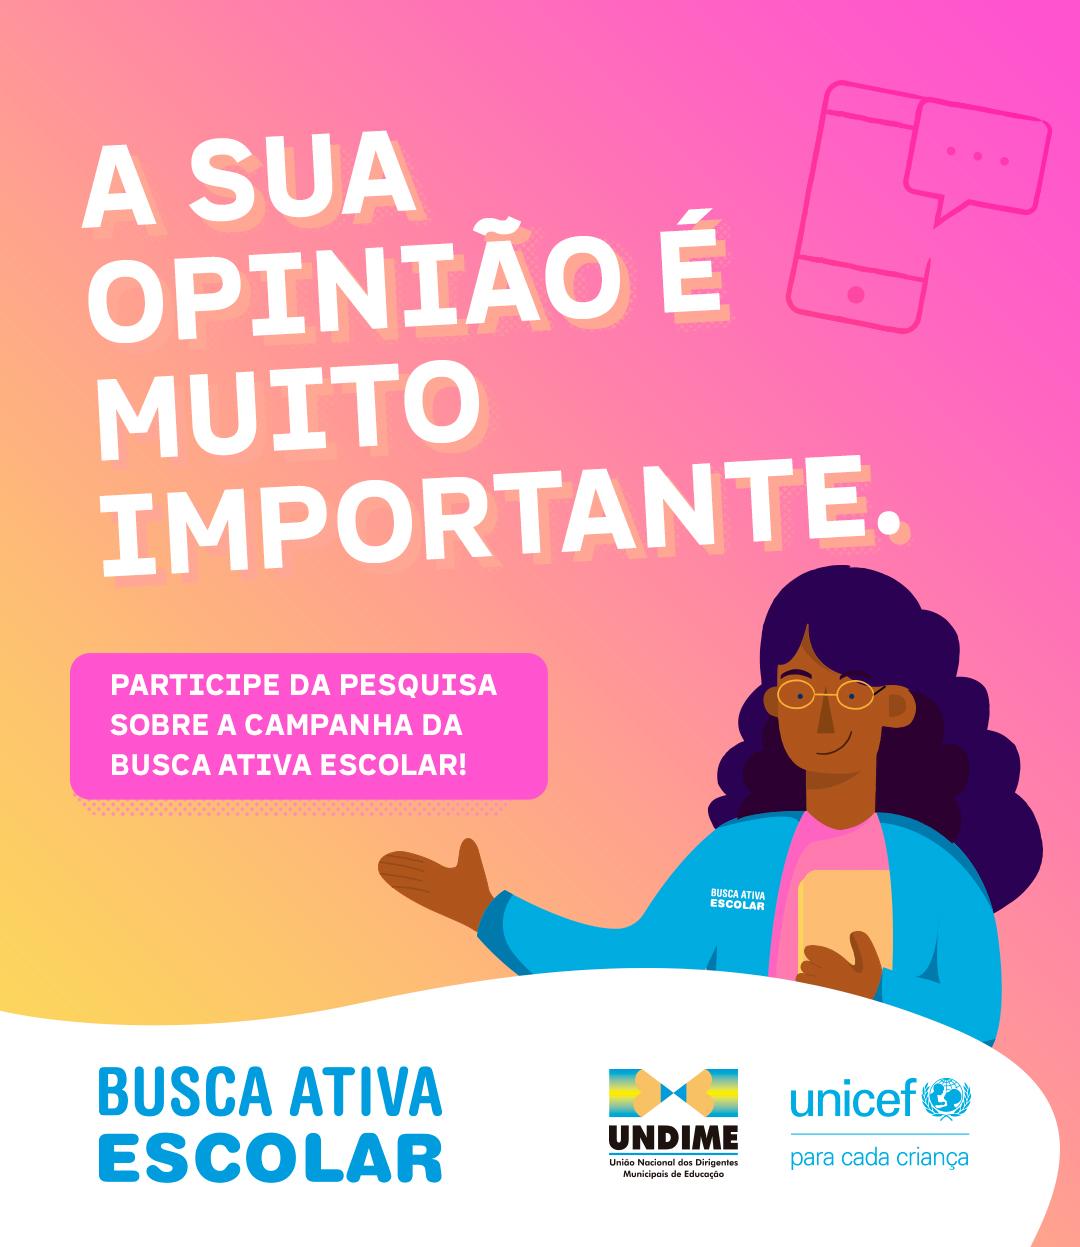 Participe da pesquisa sobre a campanha Busca Ativa Escolar